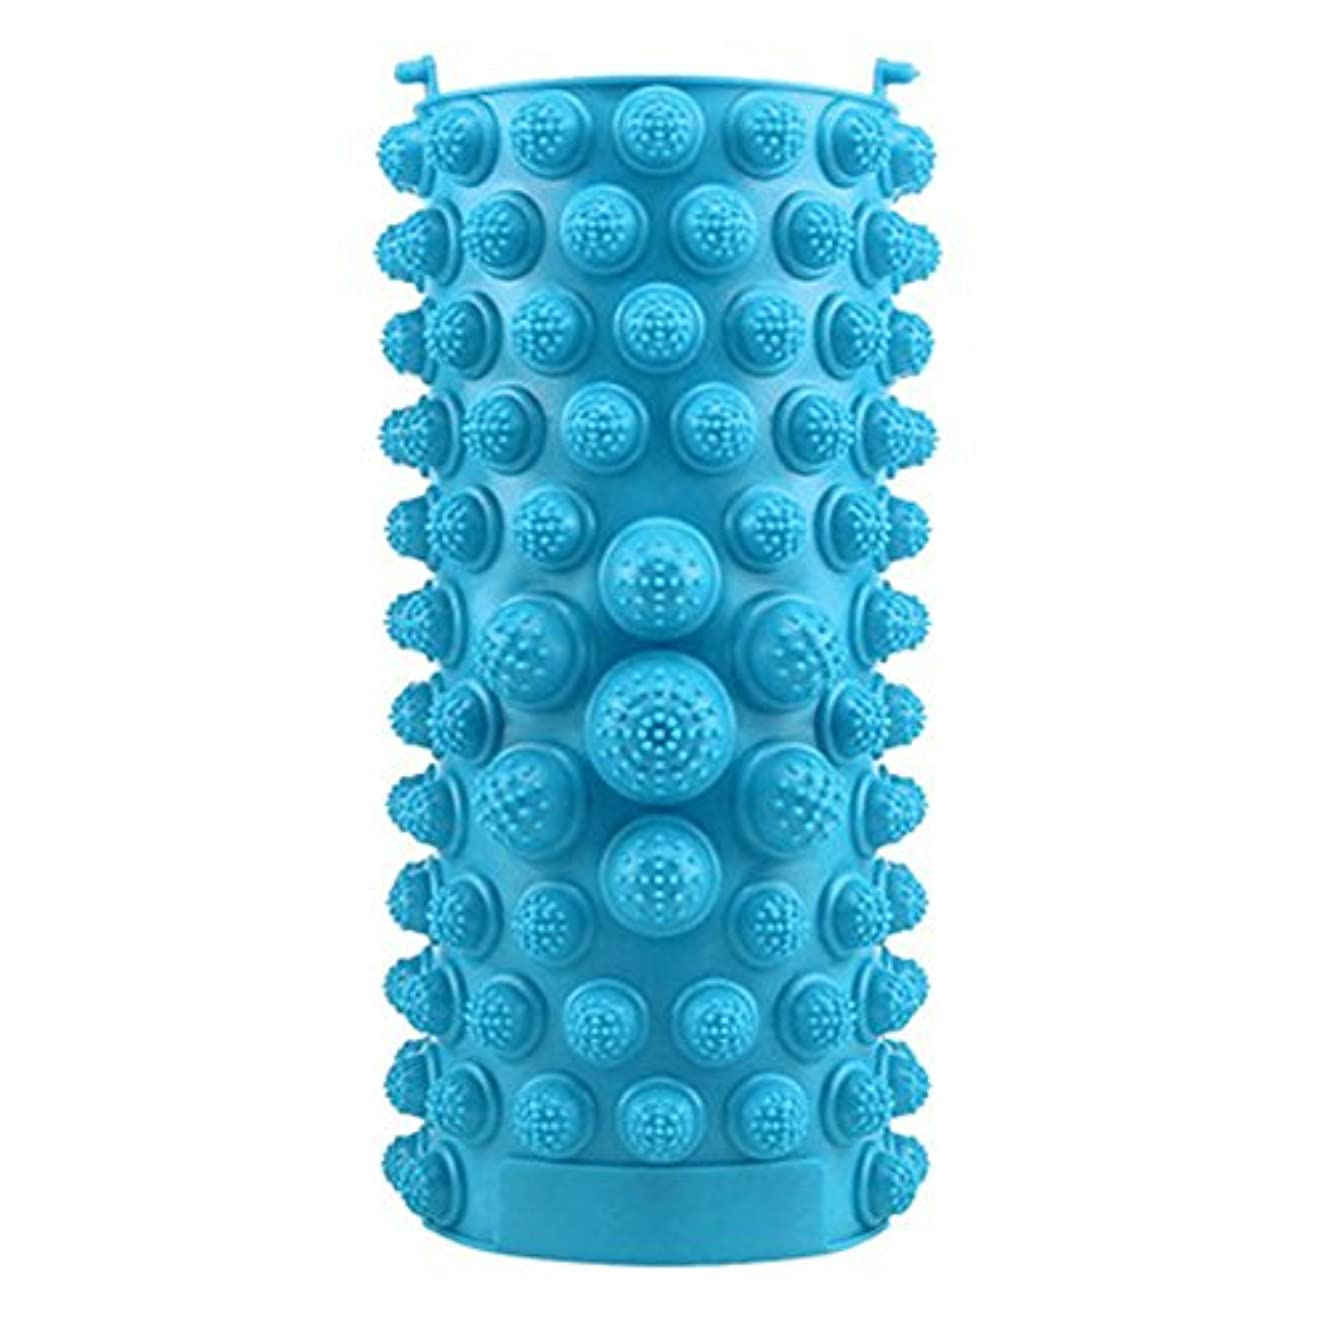 数新年イルYZRCRKFad's Dayギフトマッサージクッション子供ホームマッサージクッションフットマッサージクッション鍼灸ポイントフットパッドマッサージクッション (色 : 青)